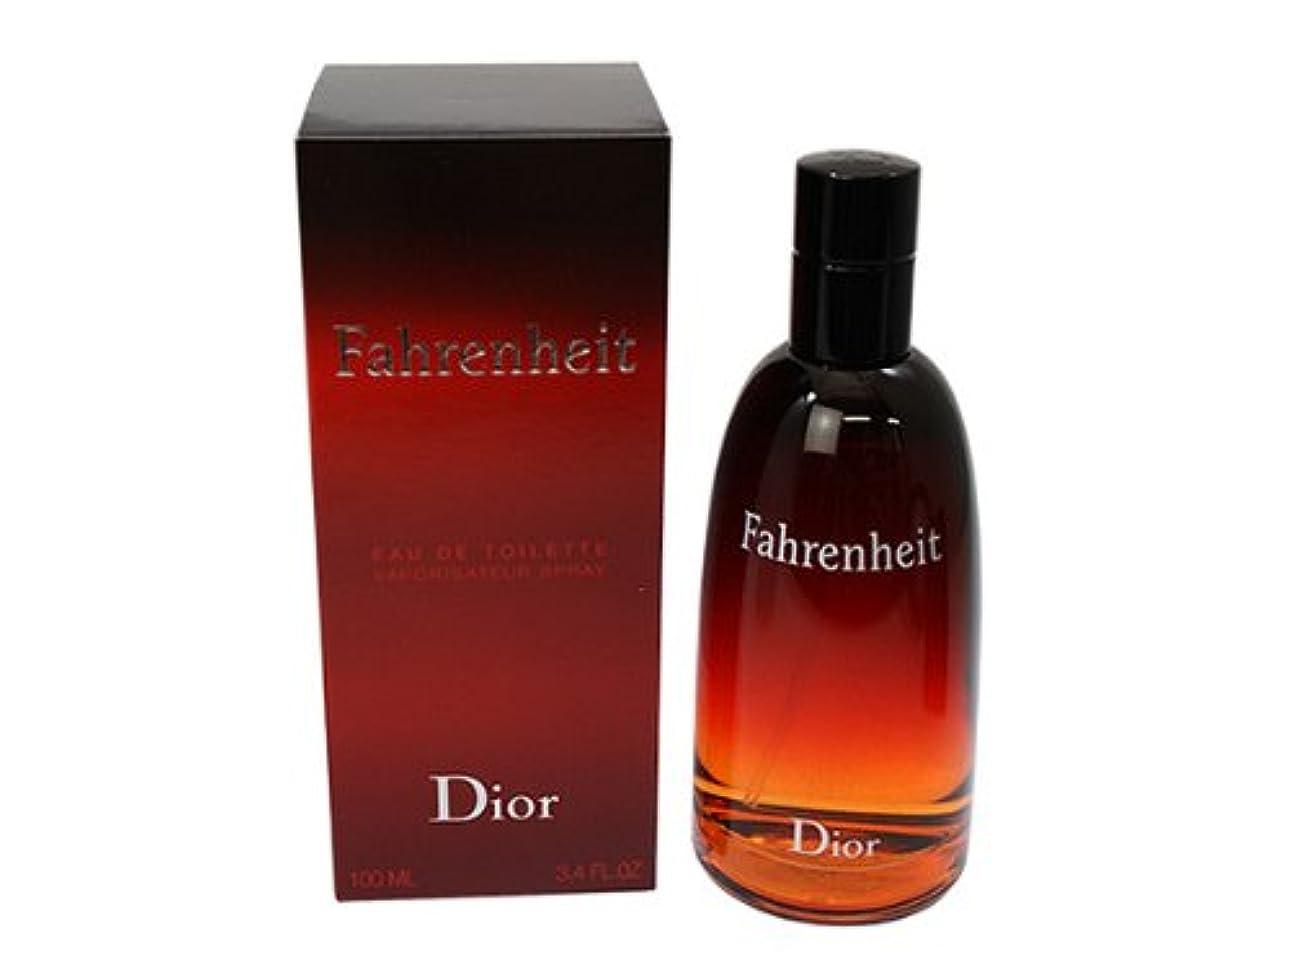 広がりに賛成ありふれたファーレンハイト Dior クリスチャンディオール オードトワレ EDT 100ML メンズ用香水、フレグランス